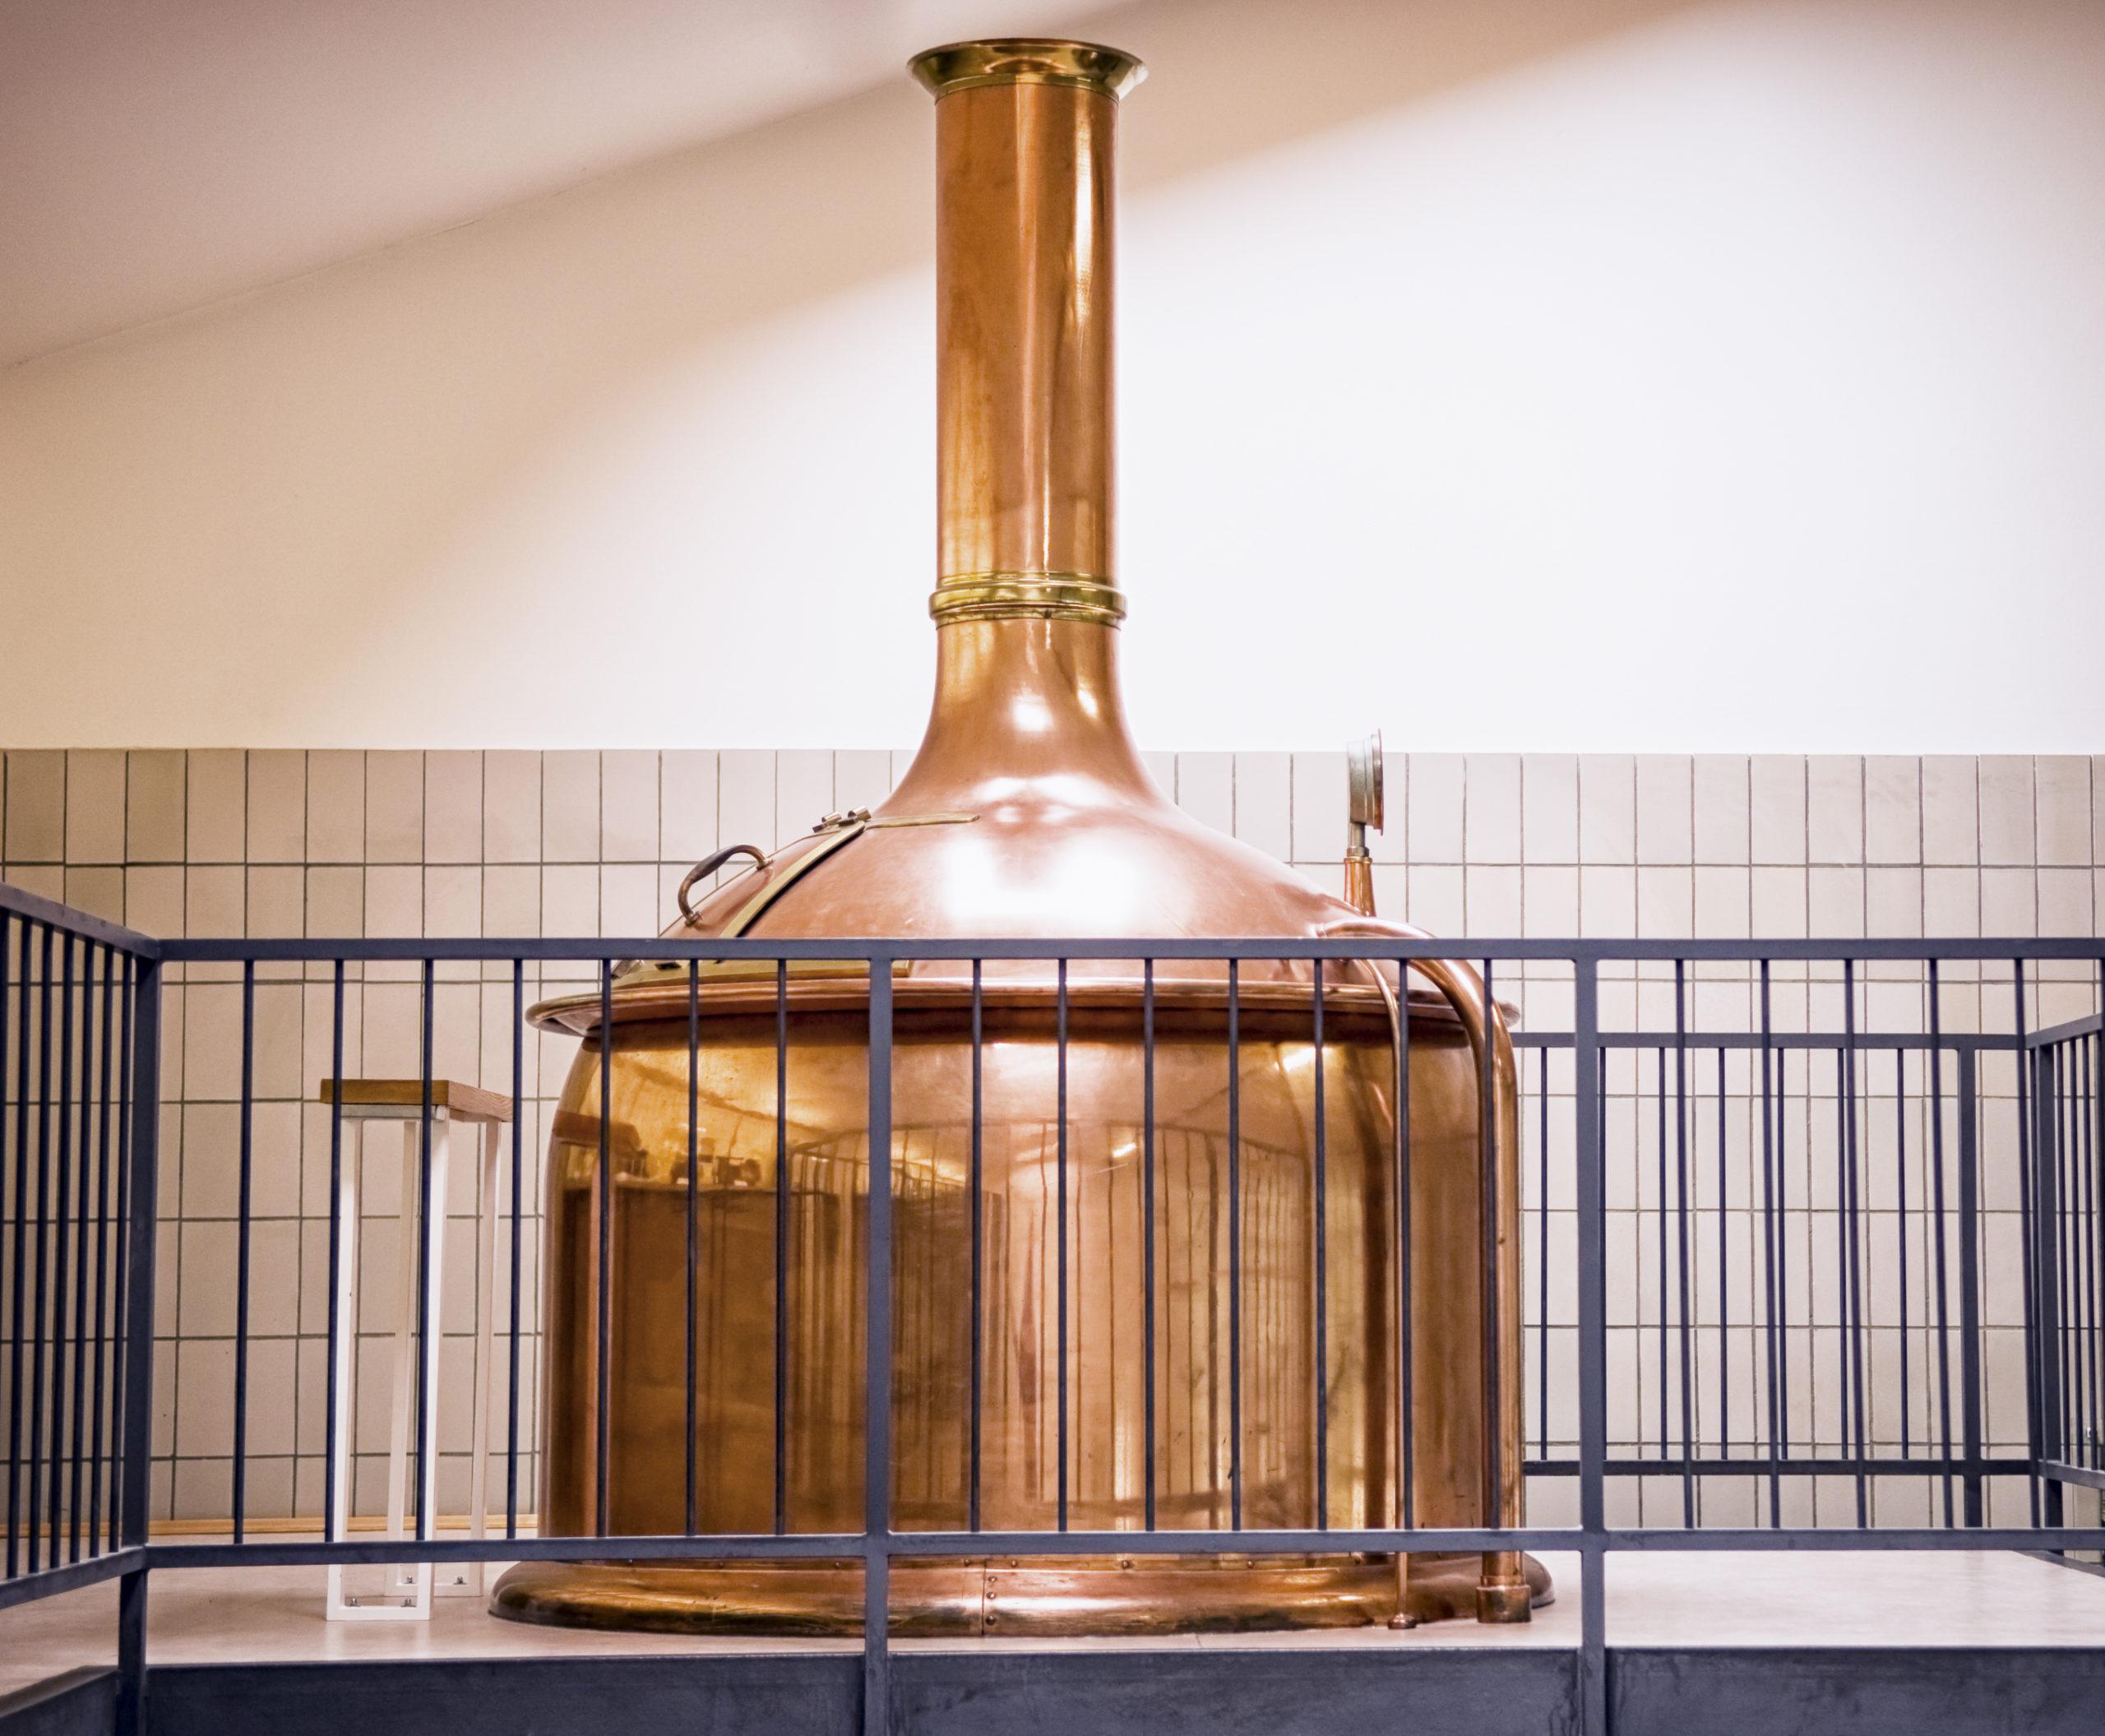 Copper Brew Kettle